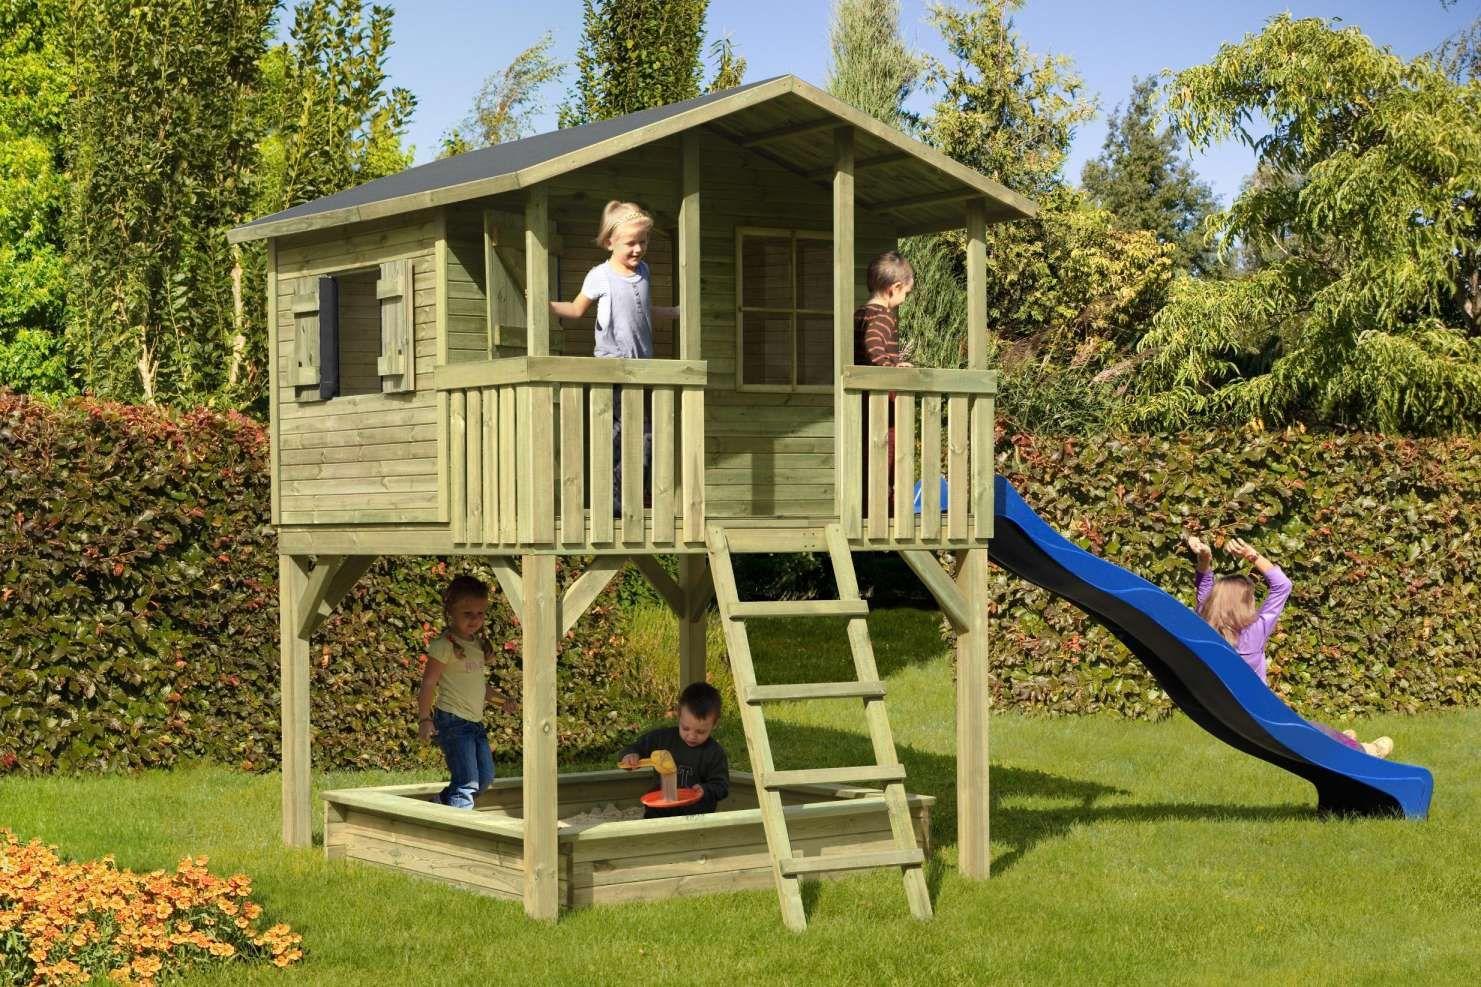 Construire Cabane Bois Enfant Top Meilleure Cabane Serapportanta Plan De Cabane En Bois Pour Enfant Idees Conception Jardin Idees Conception Jardin